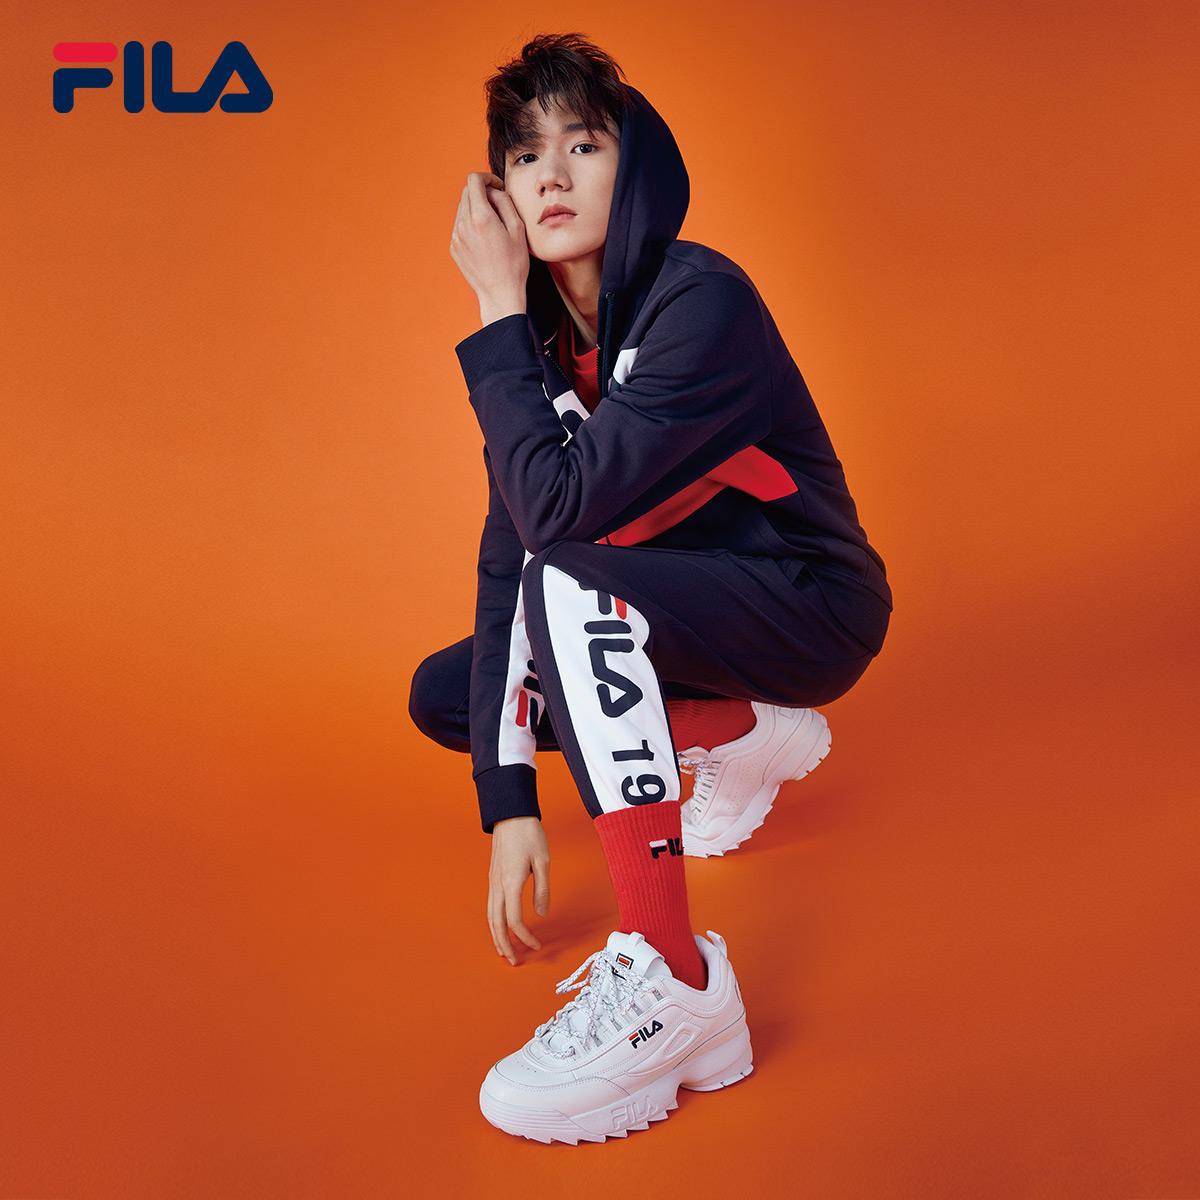 FILA斐乐王源同款男鞋2018秋季新款复古跑鞋拼接时尚皮面运动鞋男